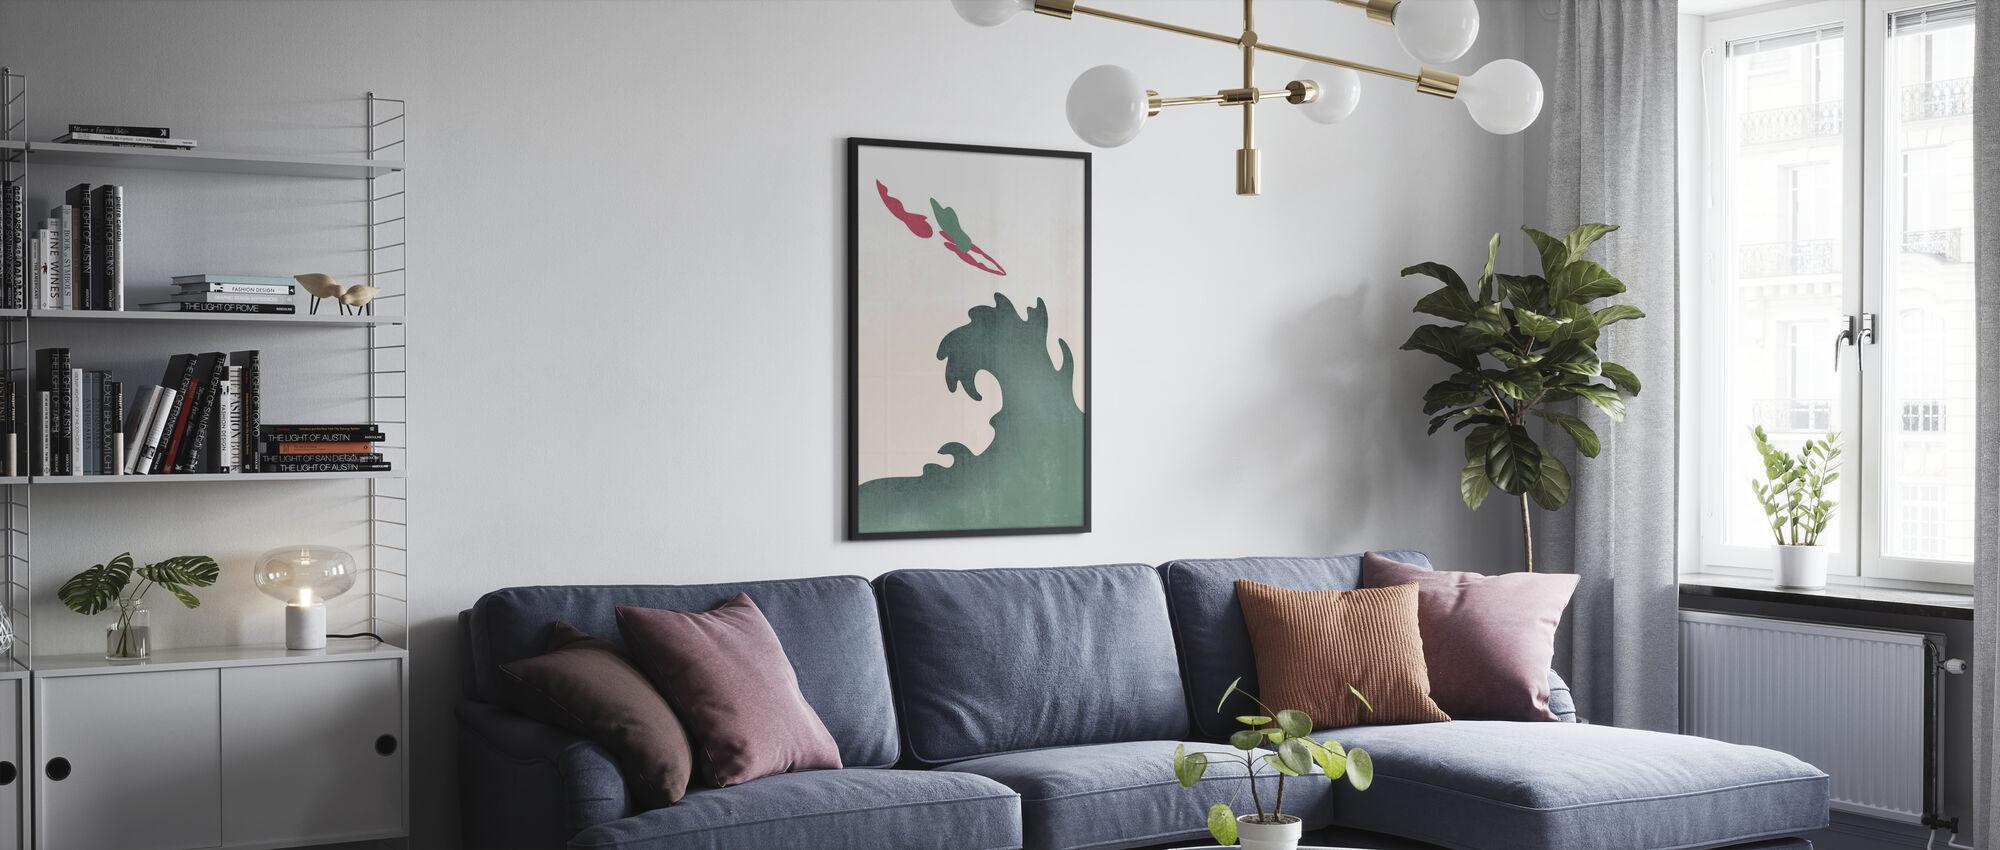 Heilige Duiker - Groen - Poster - Woonkamer